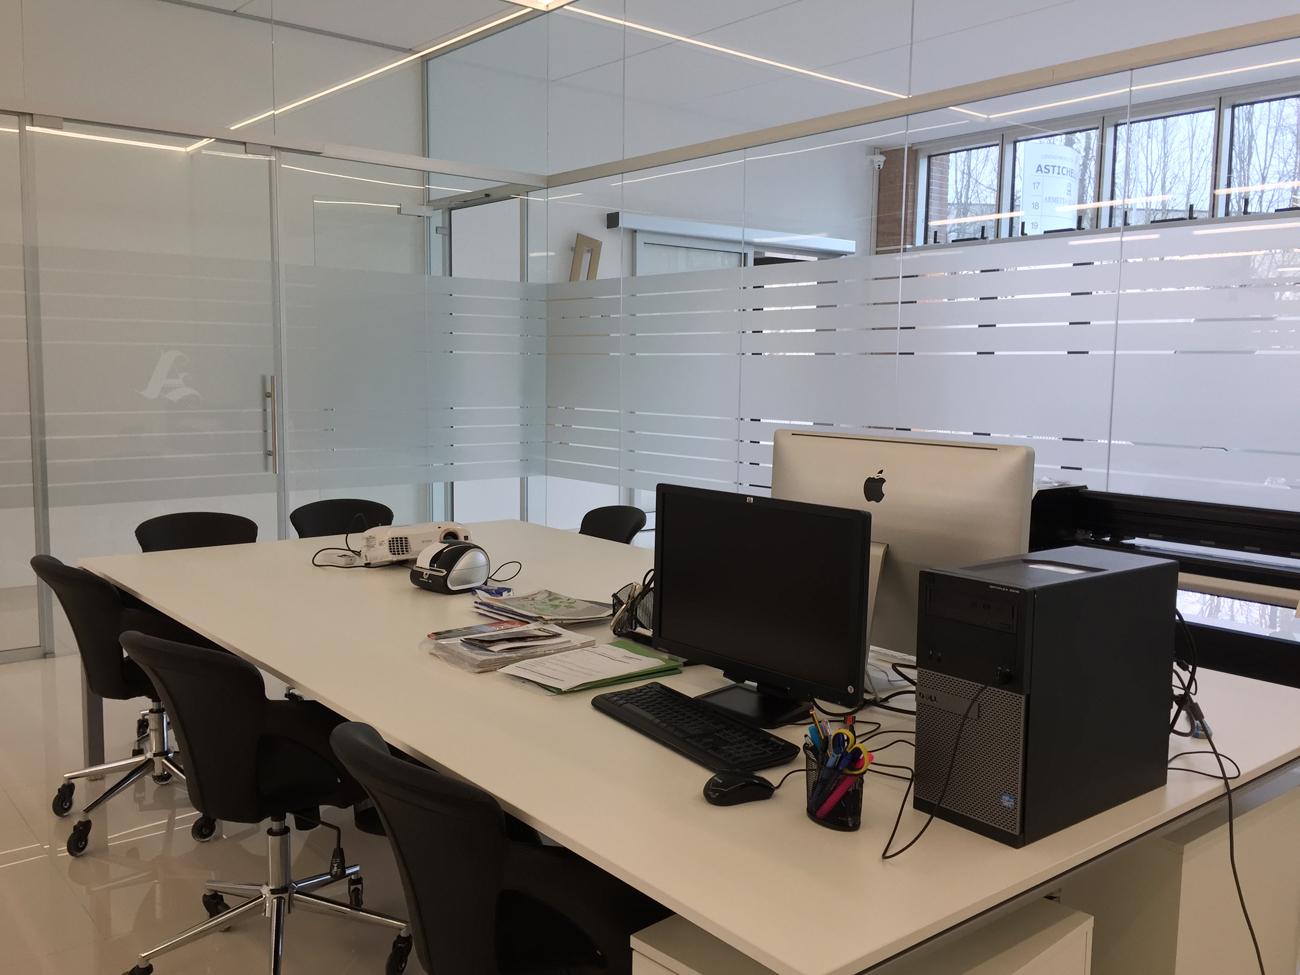 Decorazione interno uffici con adesivi effetto smerigliato - Blog decorazione interni ...